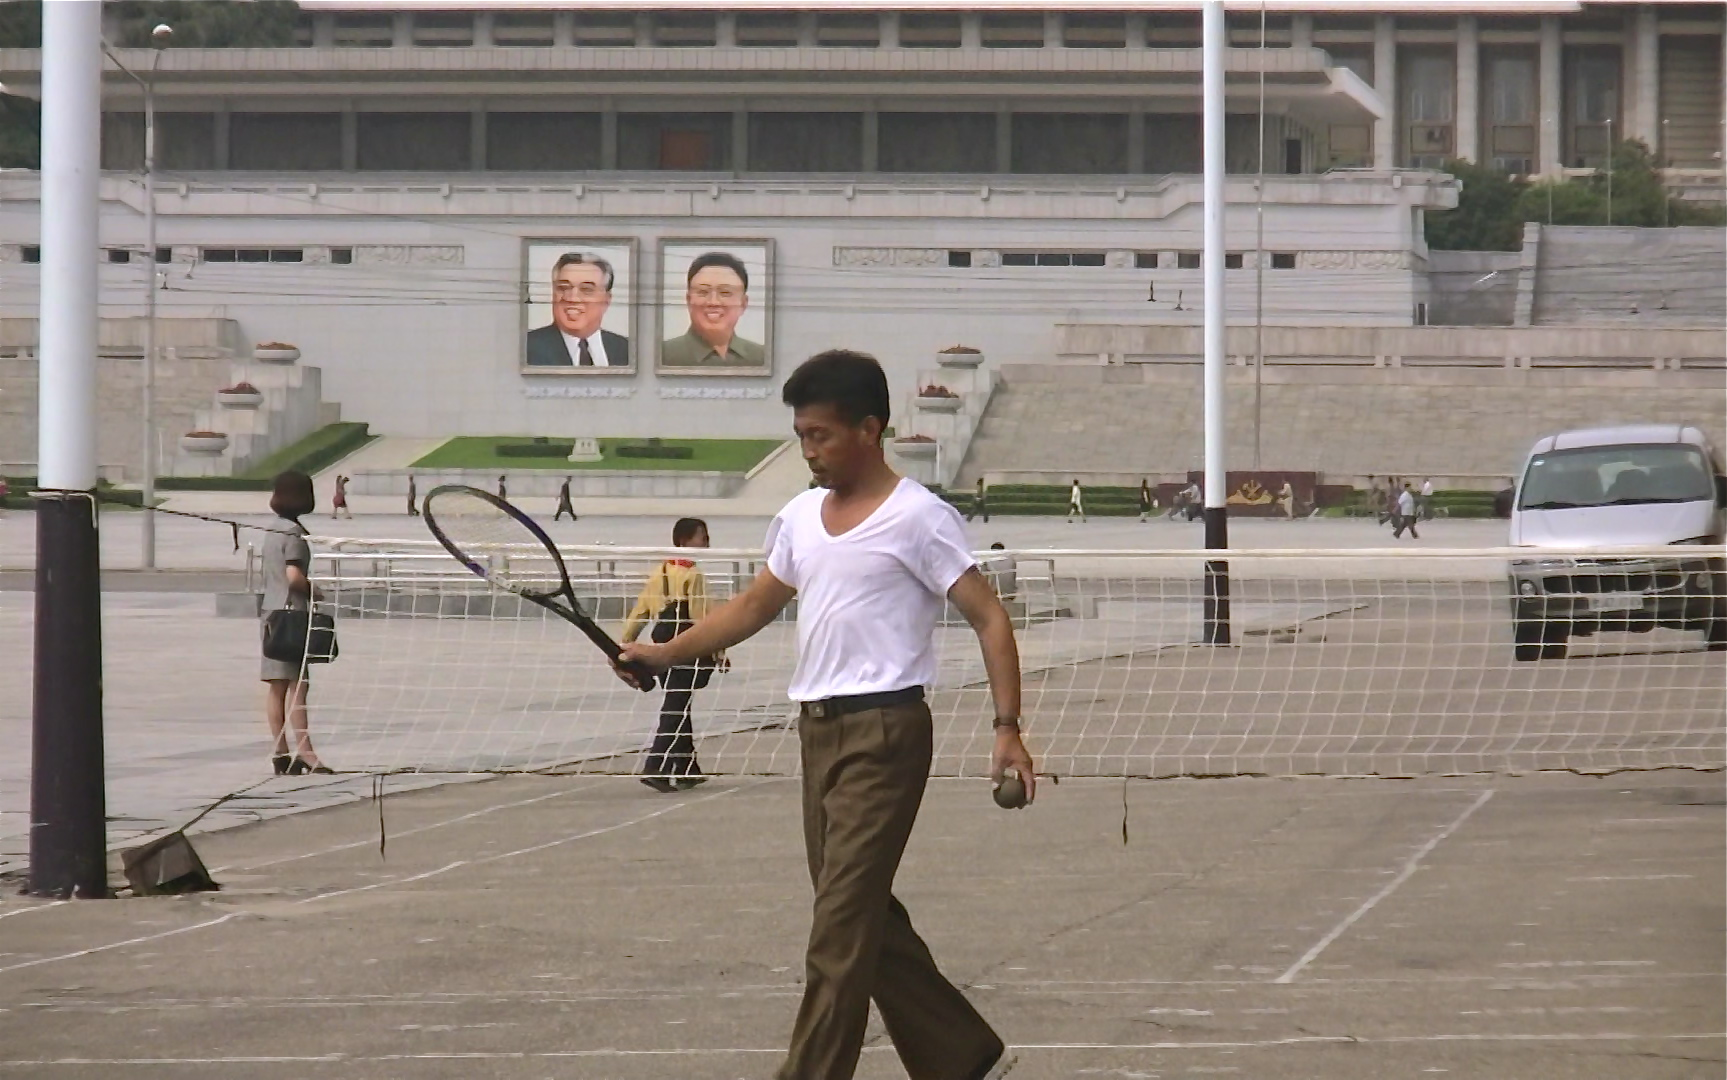 金正日広場前のテニスの風景